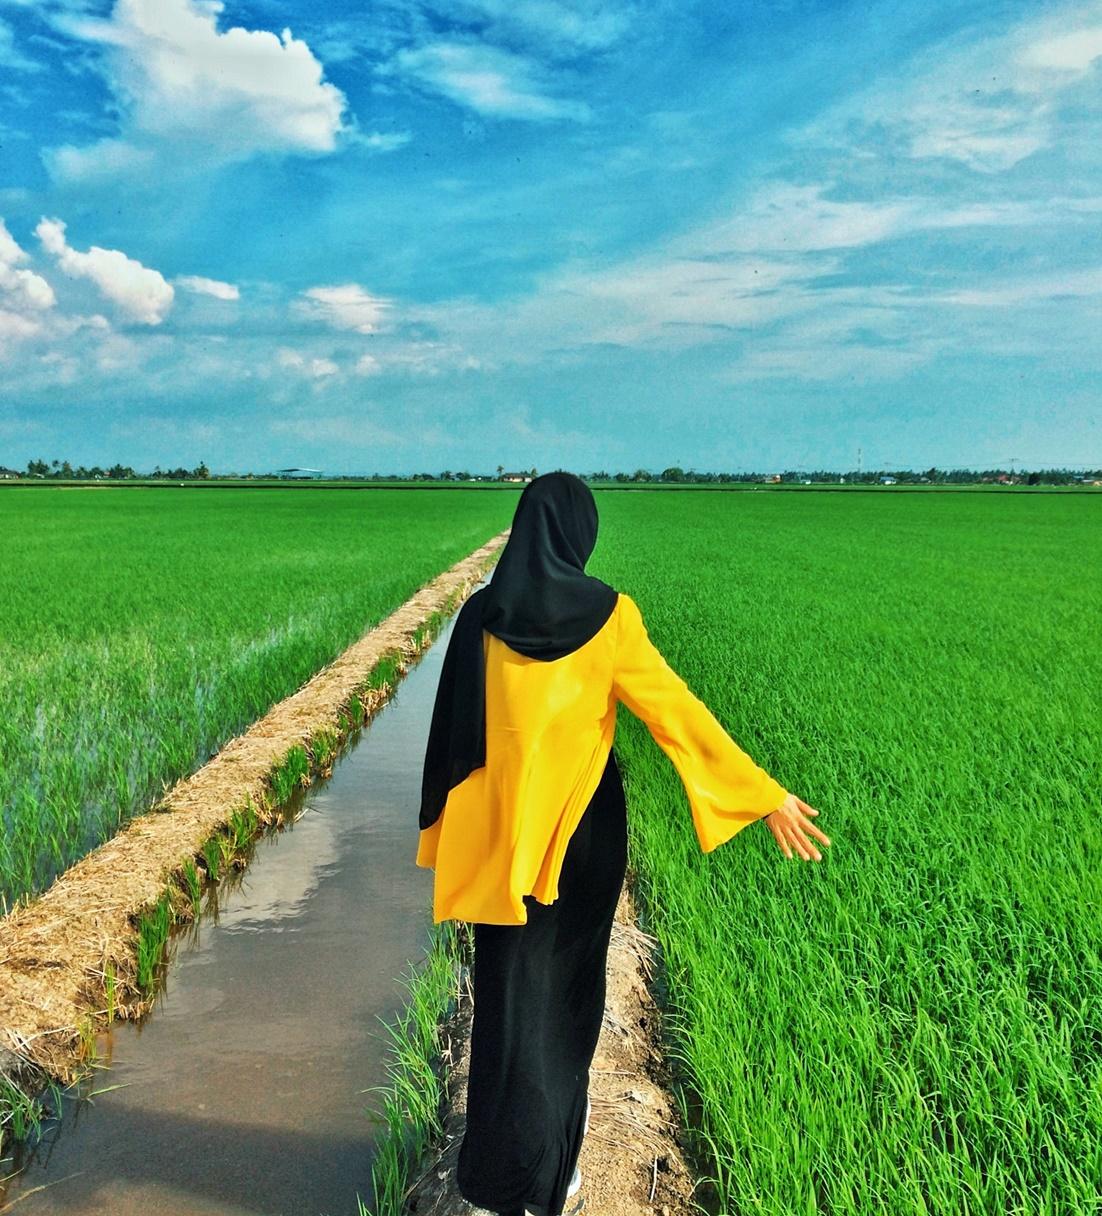 Sekinchan Selangor Lokasi Photoshoot Di Dalam Sawah Padi Qaseh Dalia S Blog